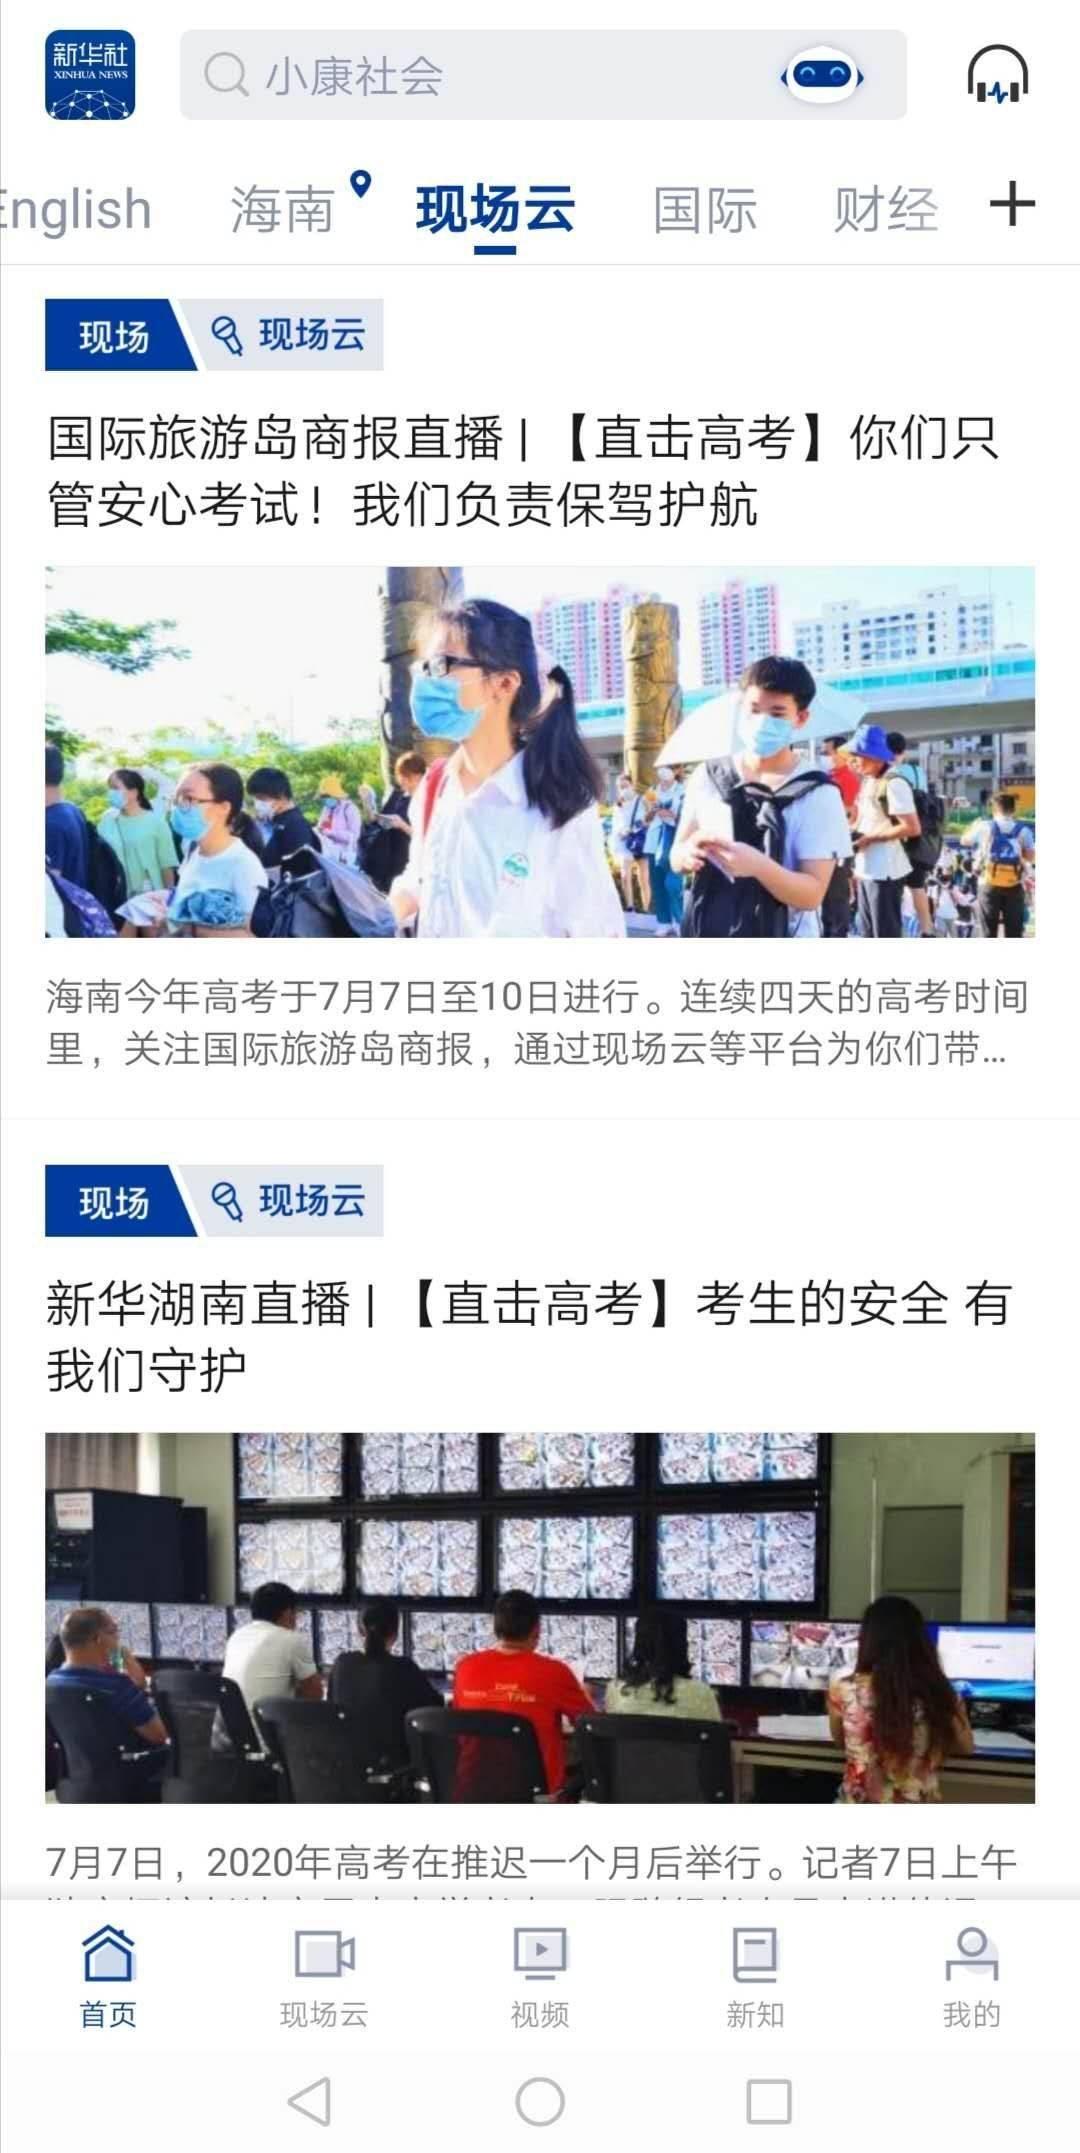 喜讯!国际旅游岛商报高考直播荣登新华社现场云首页头条